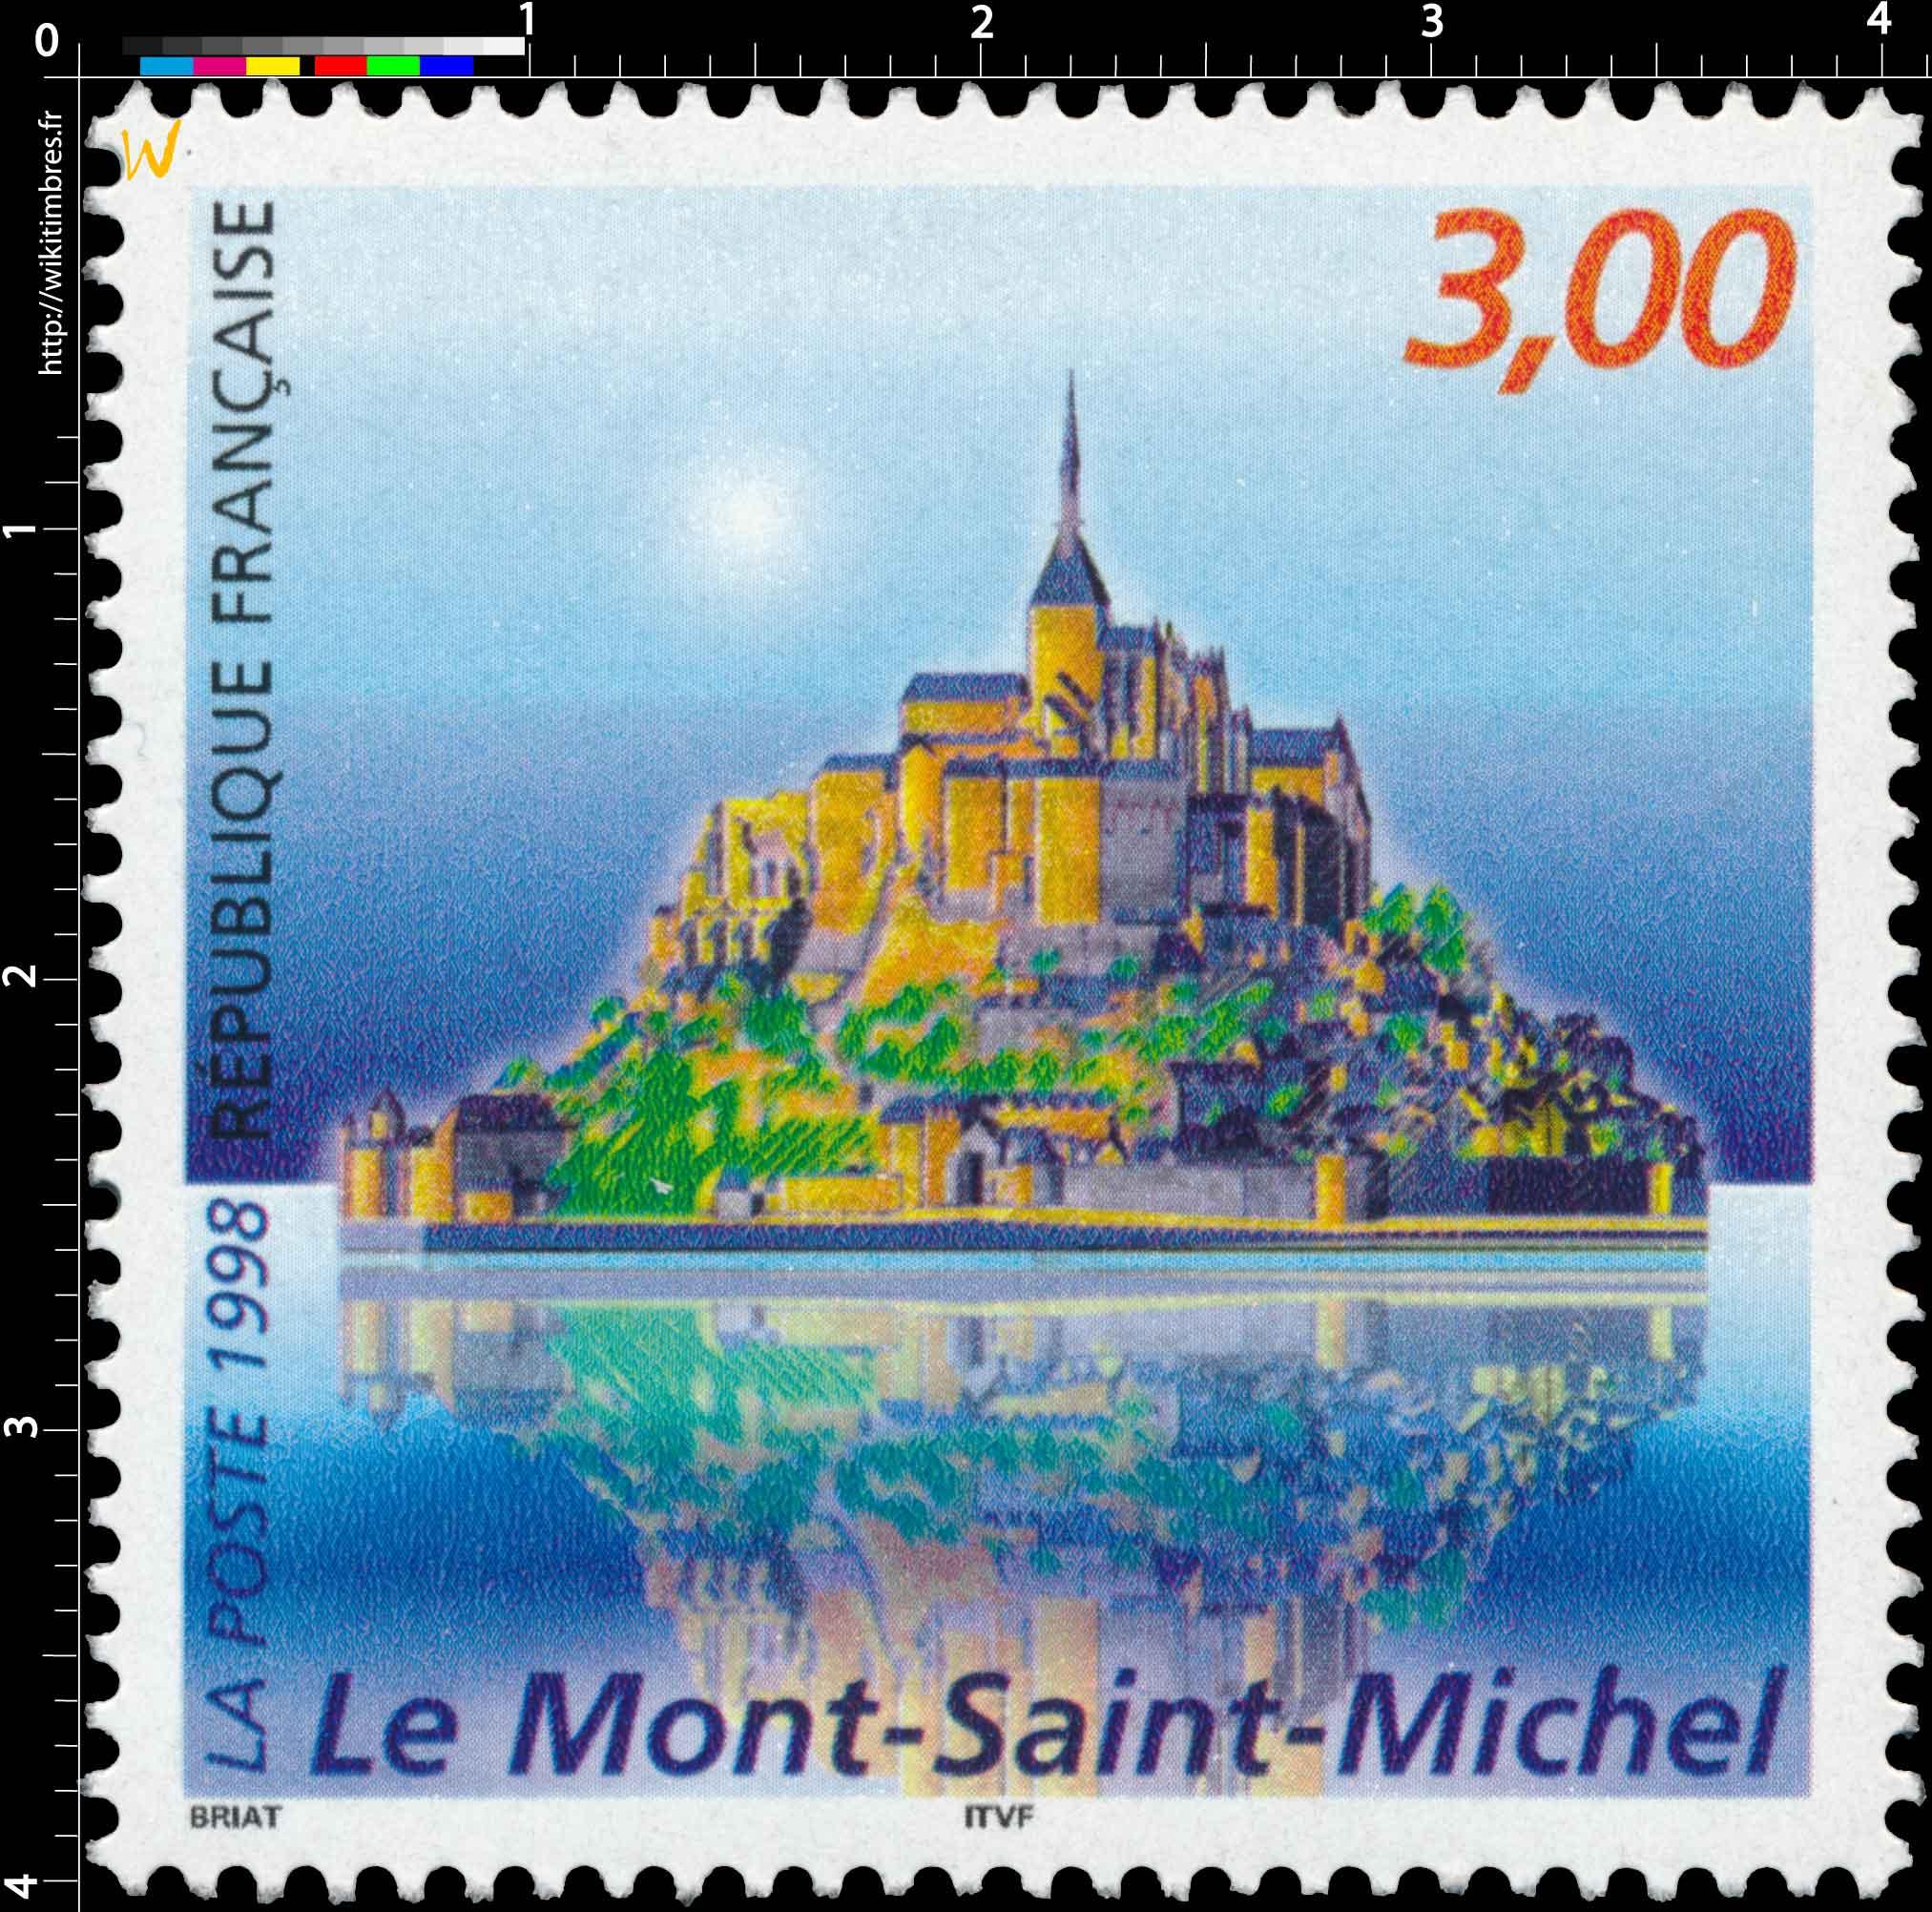 1998 Le Mont-Saint-Michel